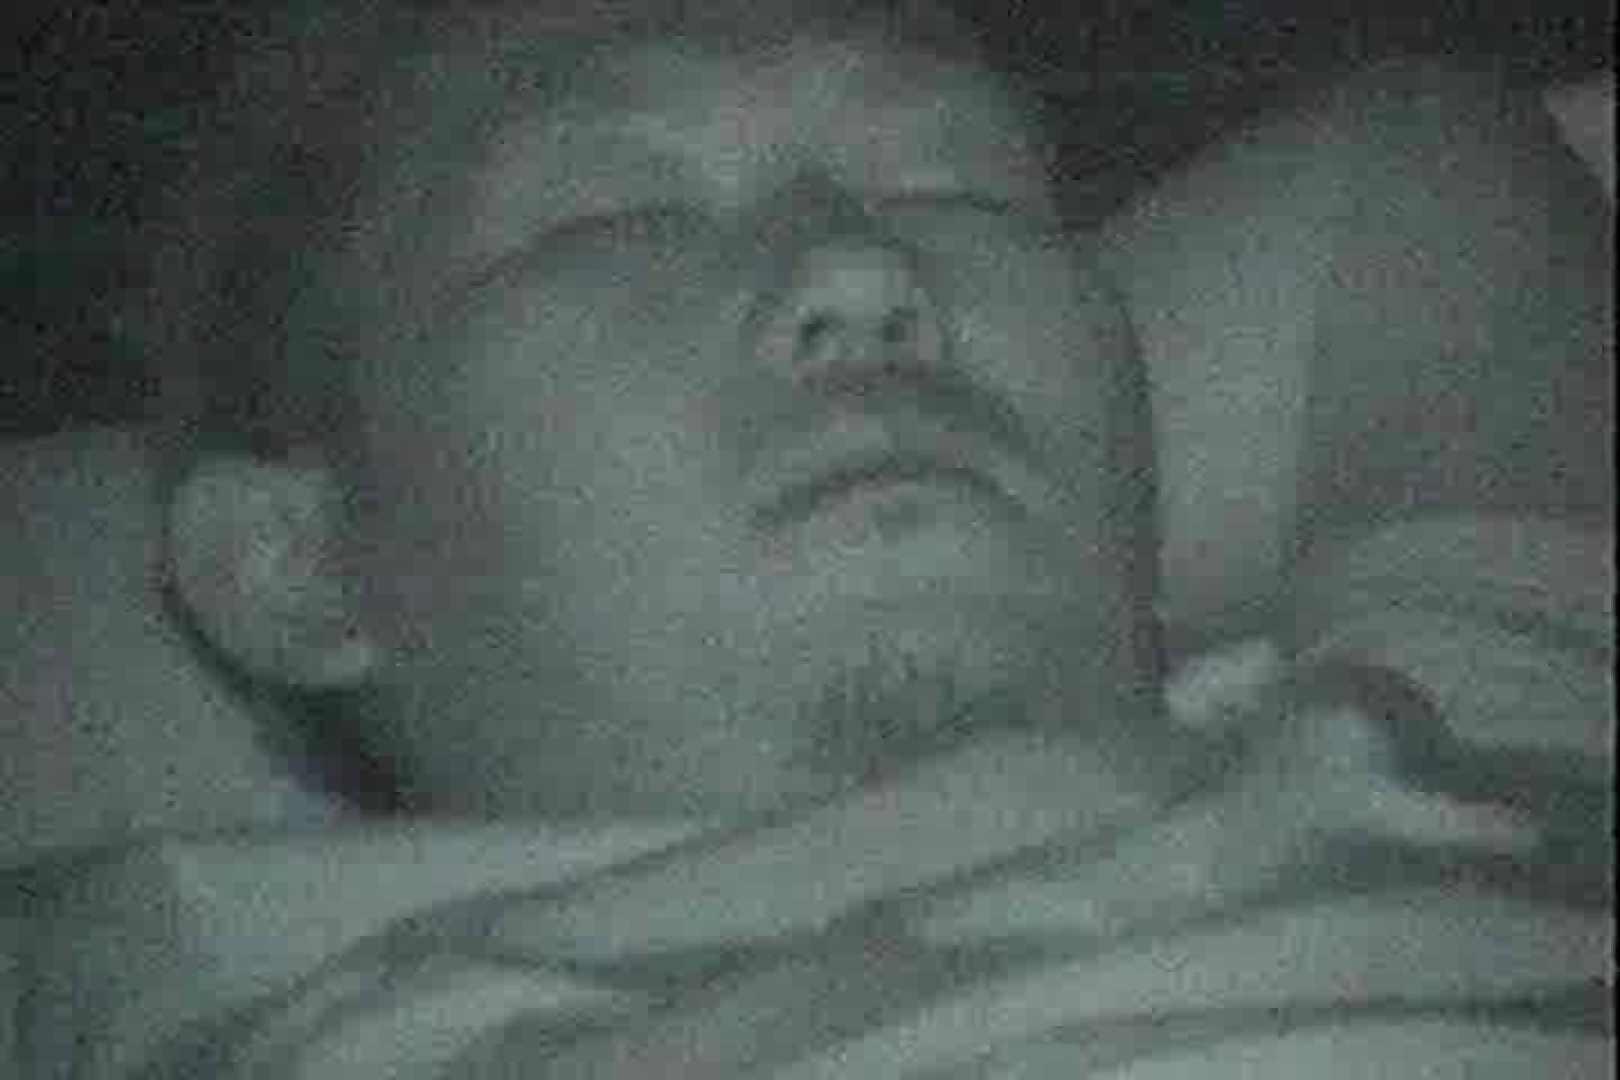 充血監督の深夜の運動会Vol.40 エロティックなOL 盗撮画像 90画像 90